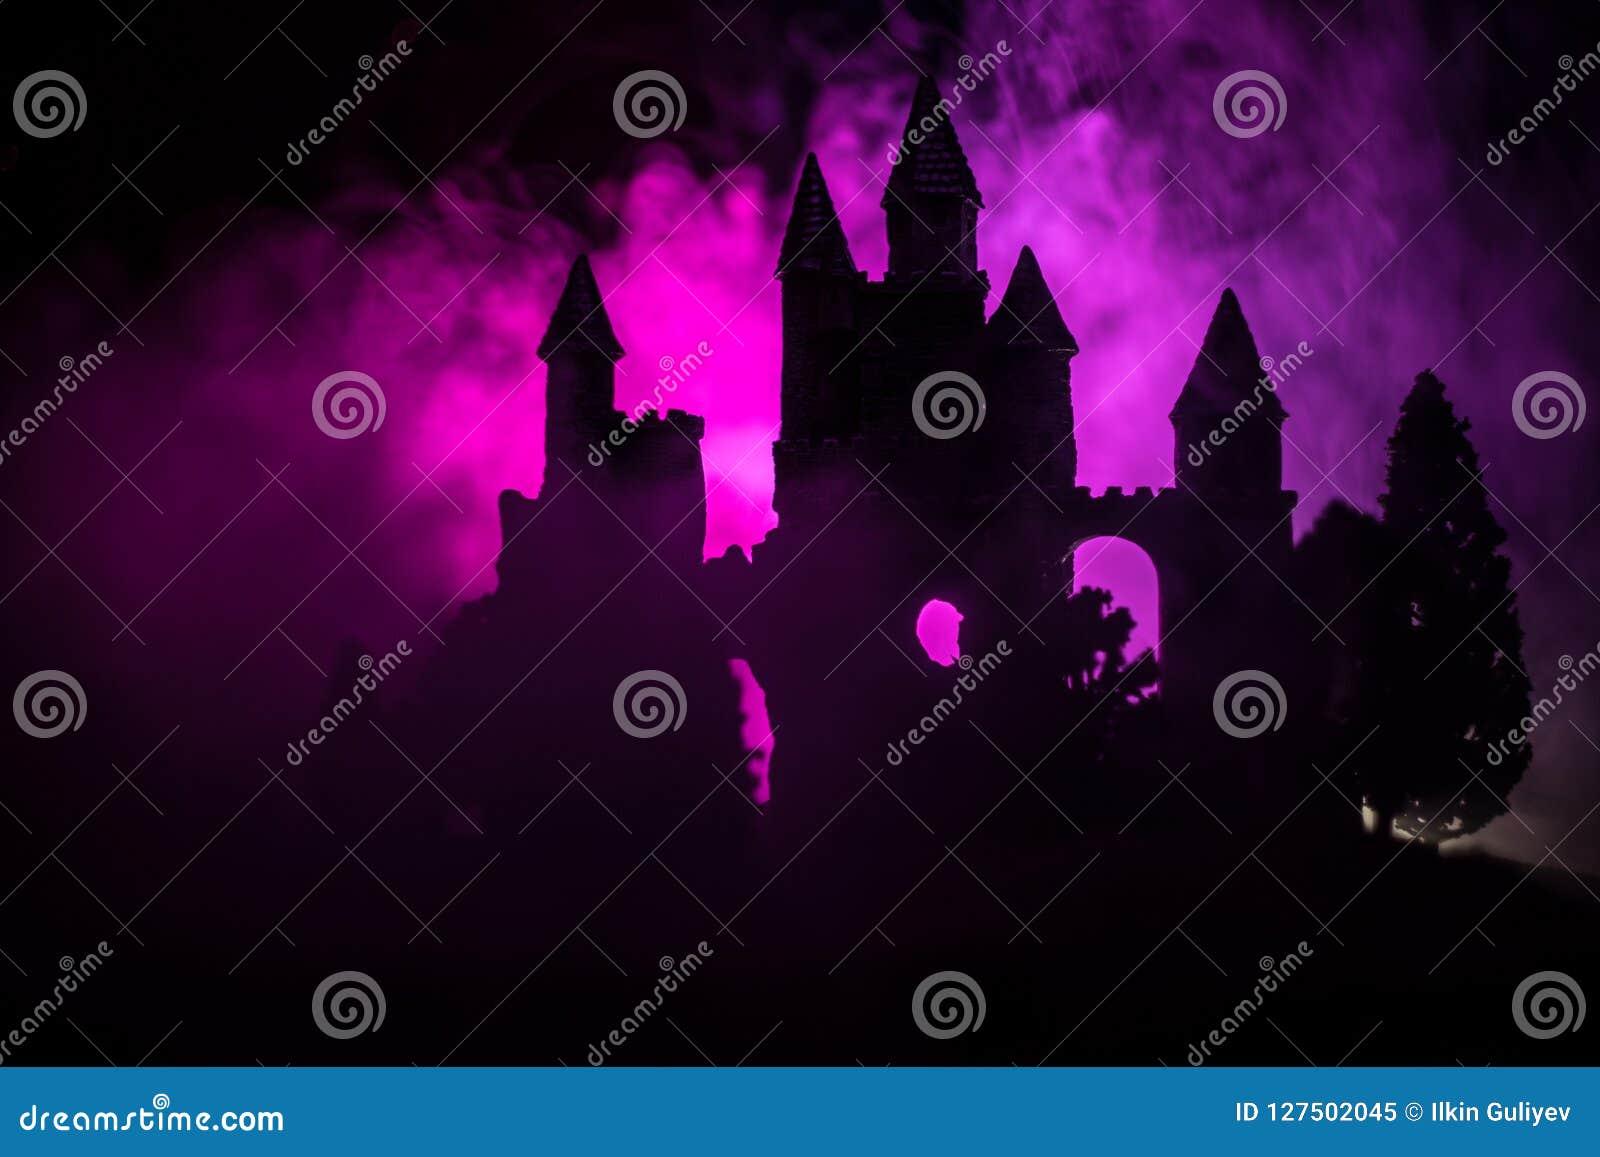 Château médiéval mystérieux dans une pleine lune brumeuse Vieux château abandonné de style gothique la nuit